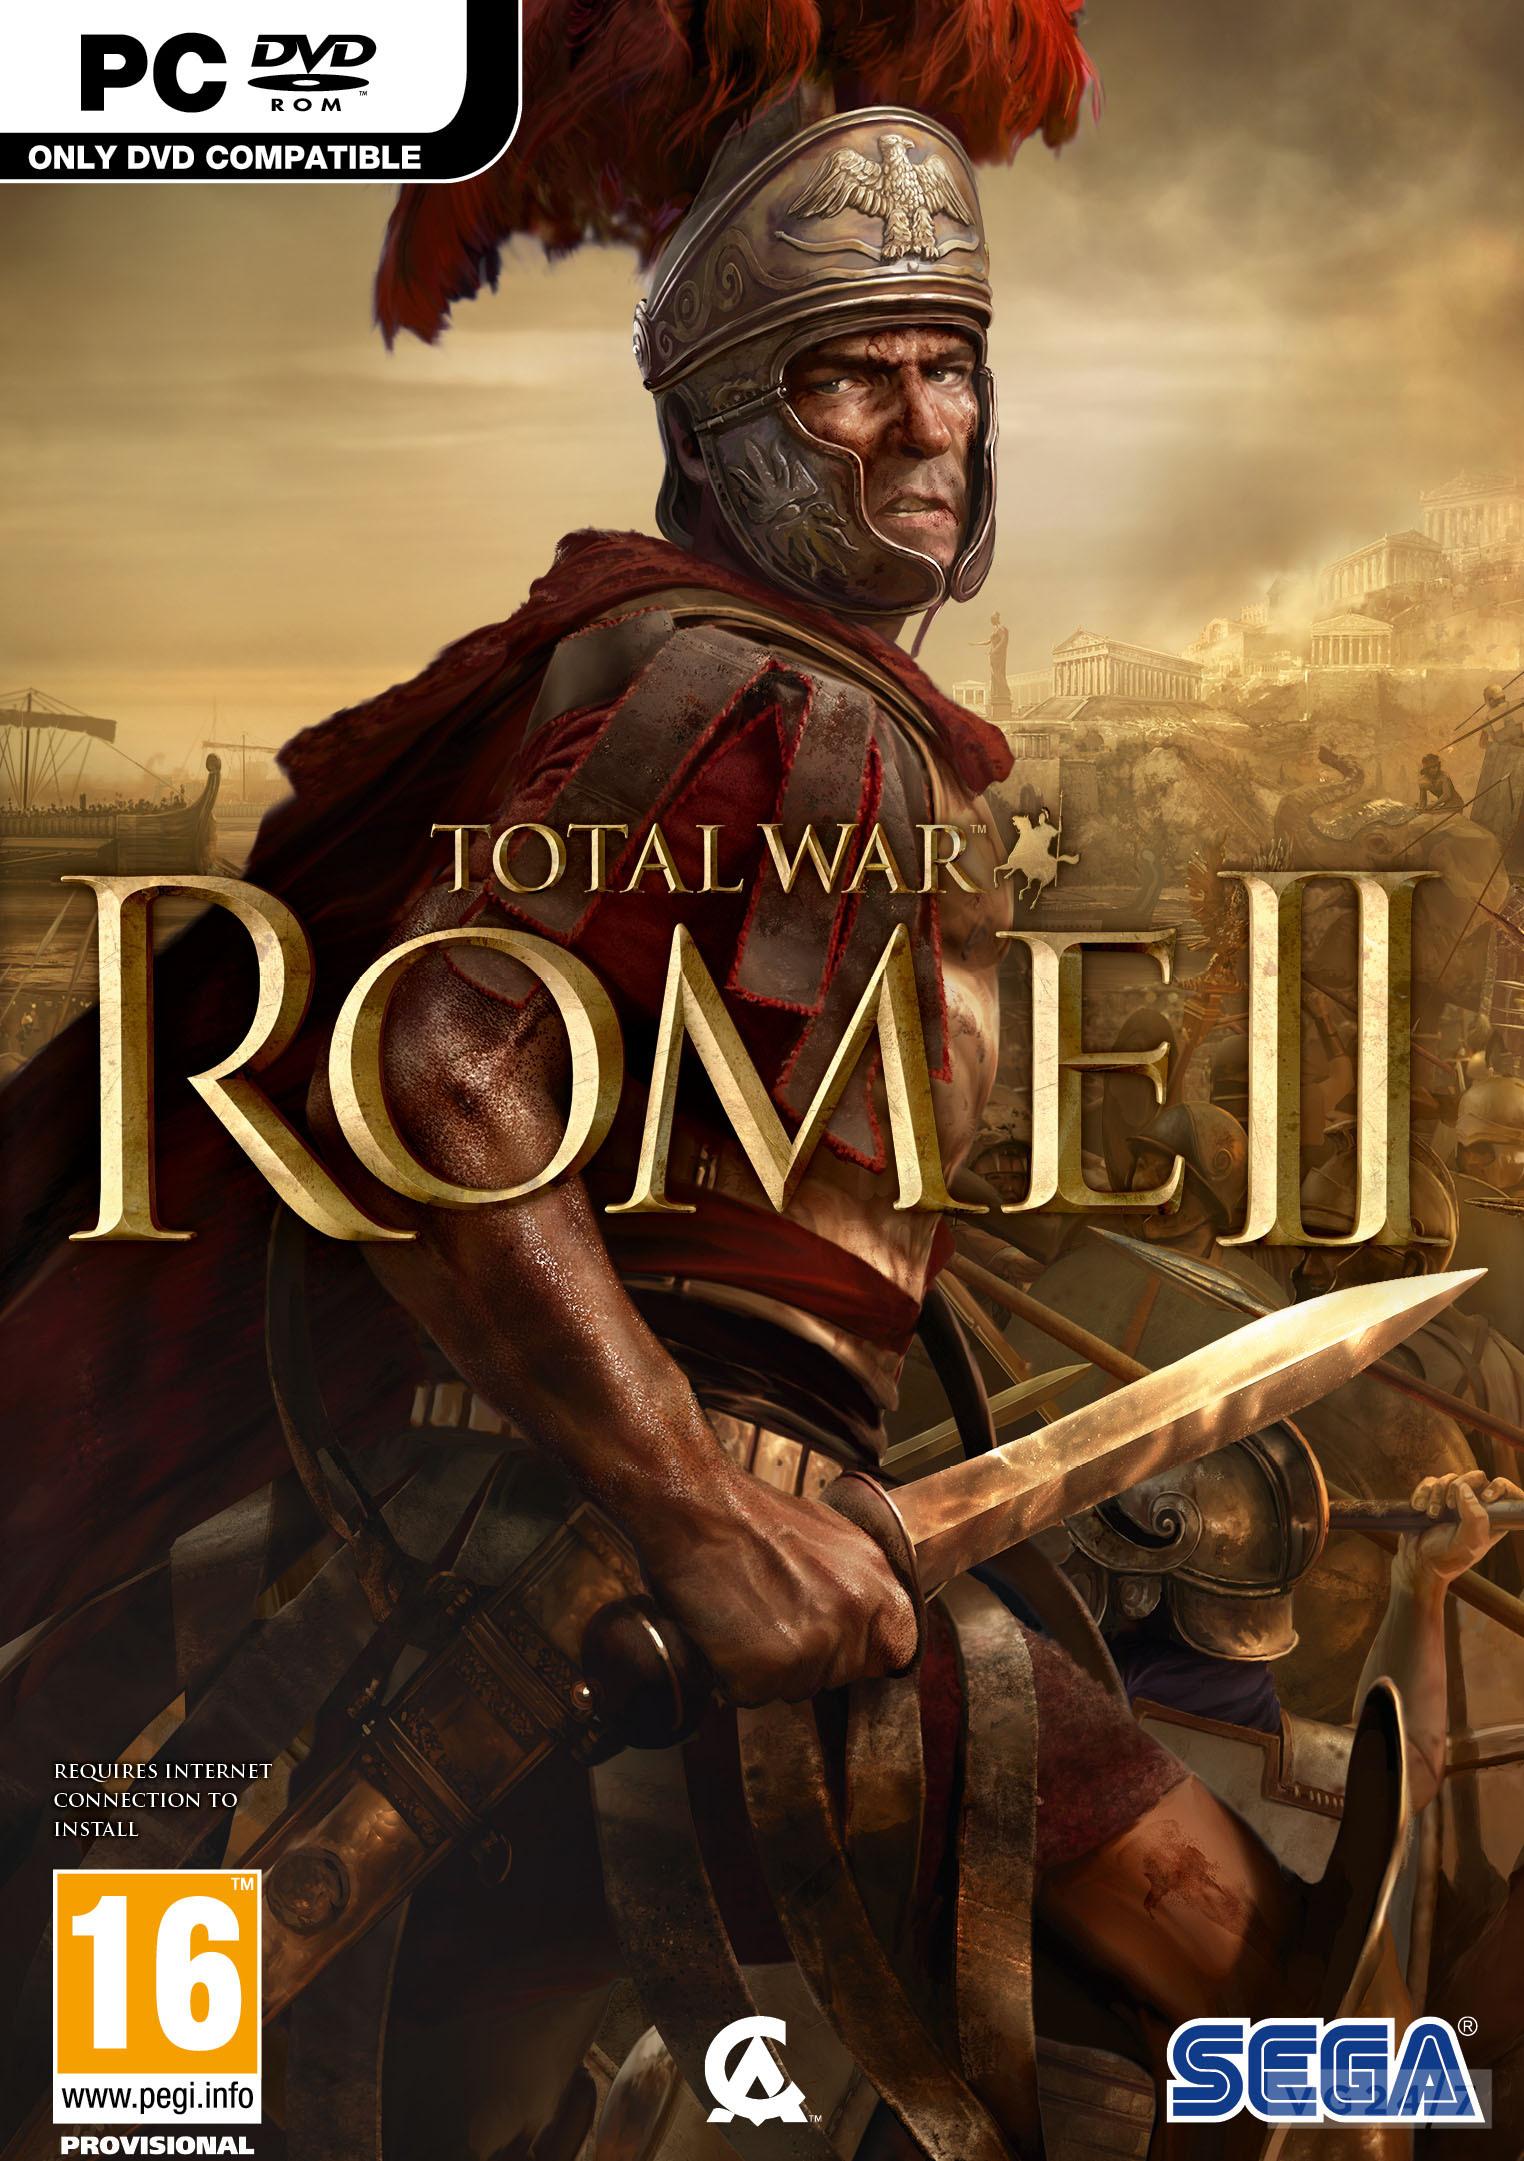 Total War: Rome II Windows game - Mod DB